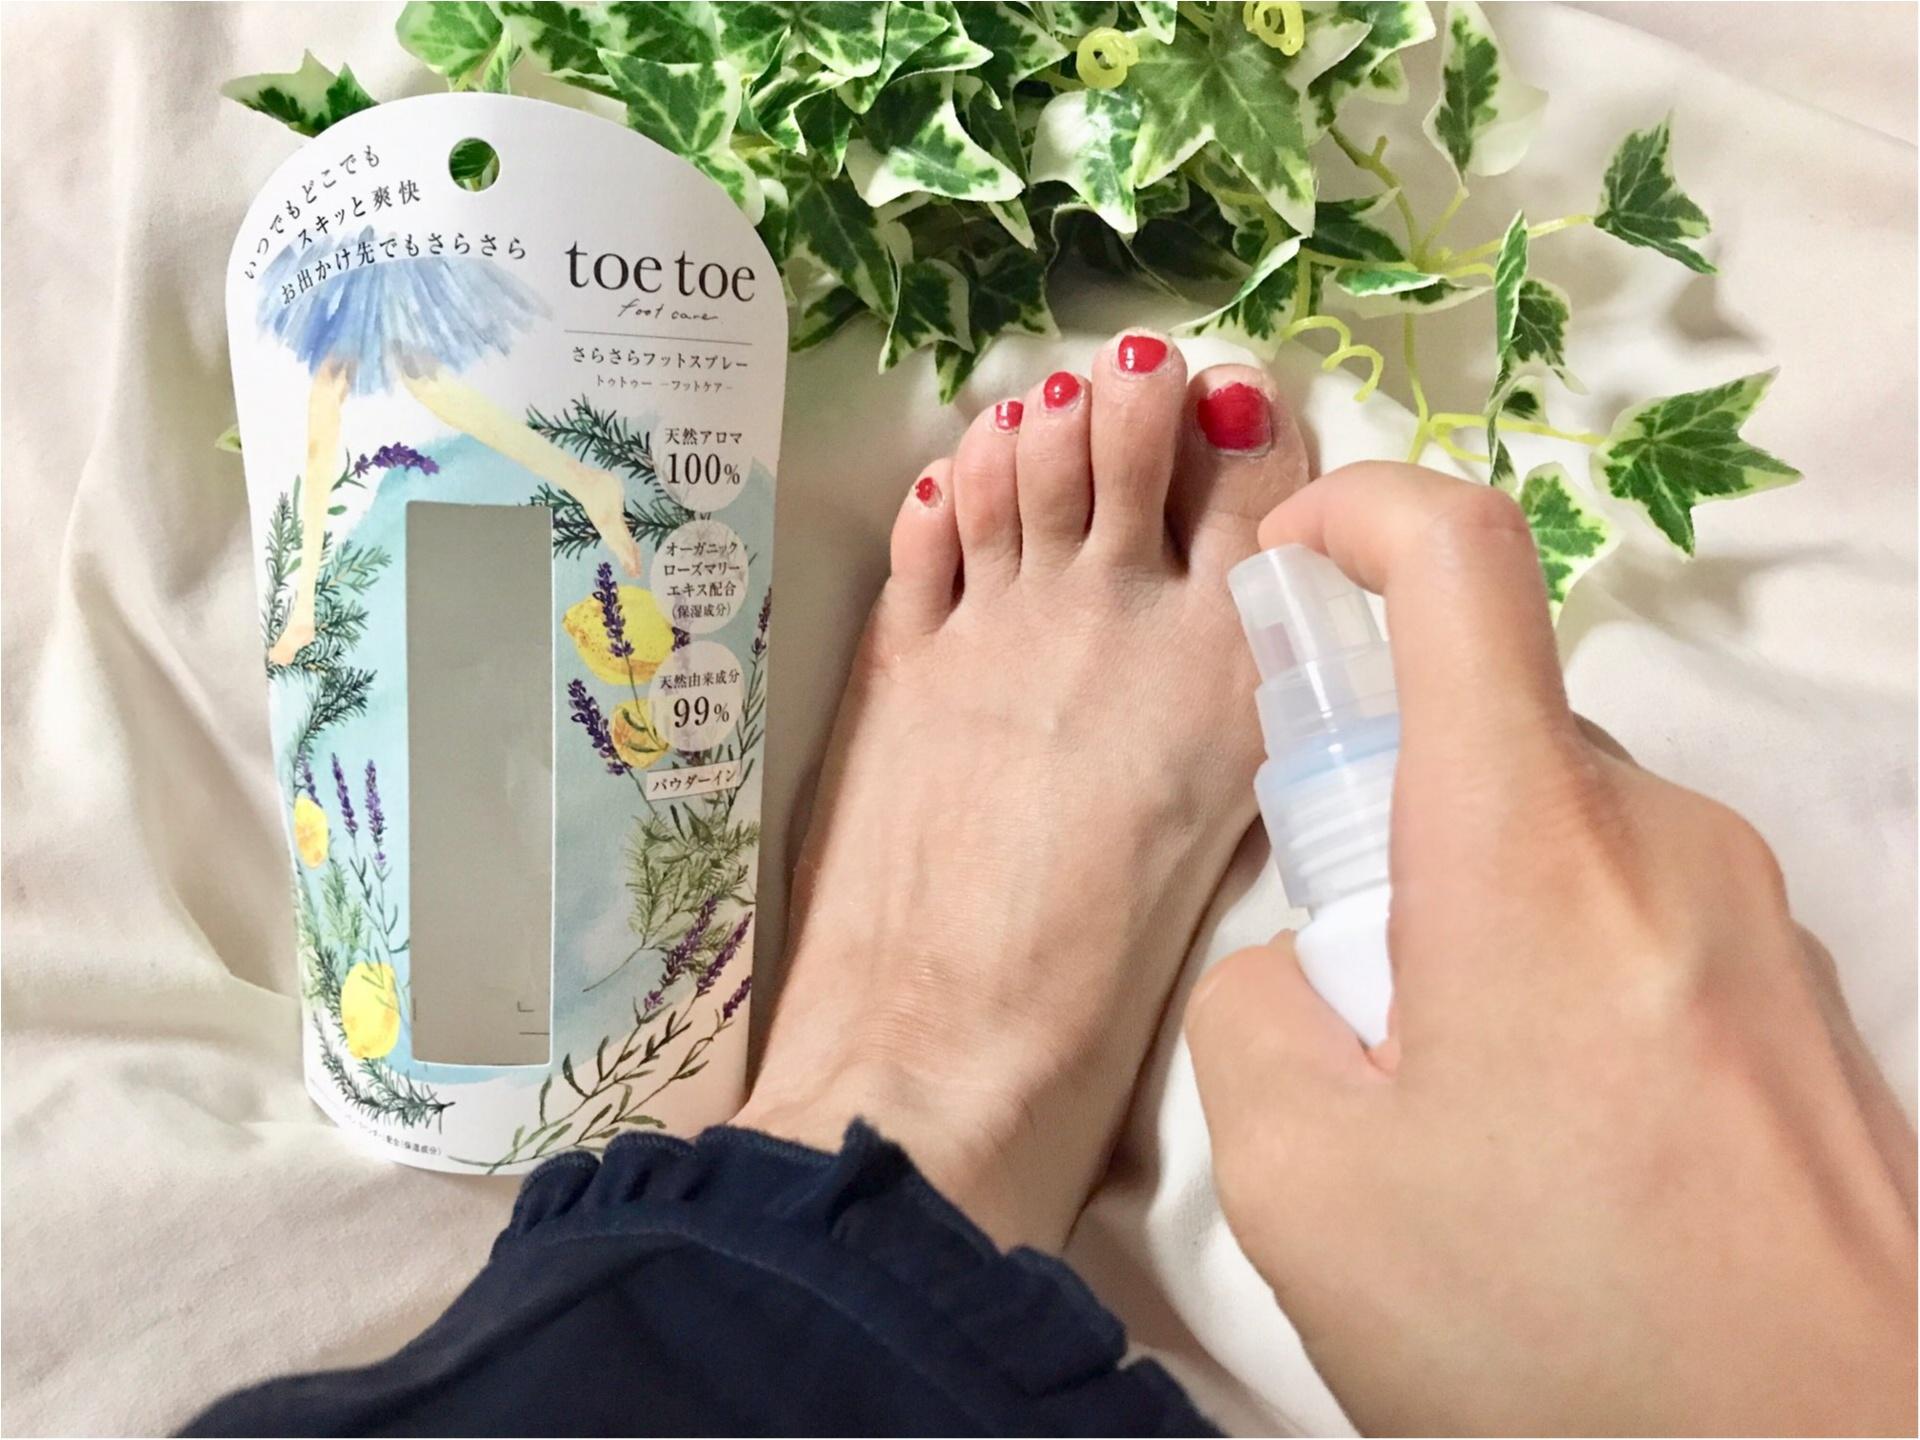 サンダルシーズン到来!【toetoe】で念入りフットケア❤︎夏の素足に自信を♡_3